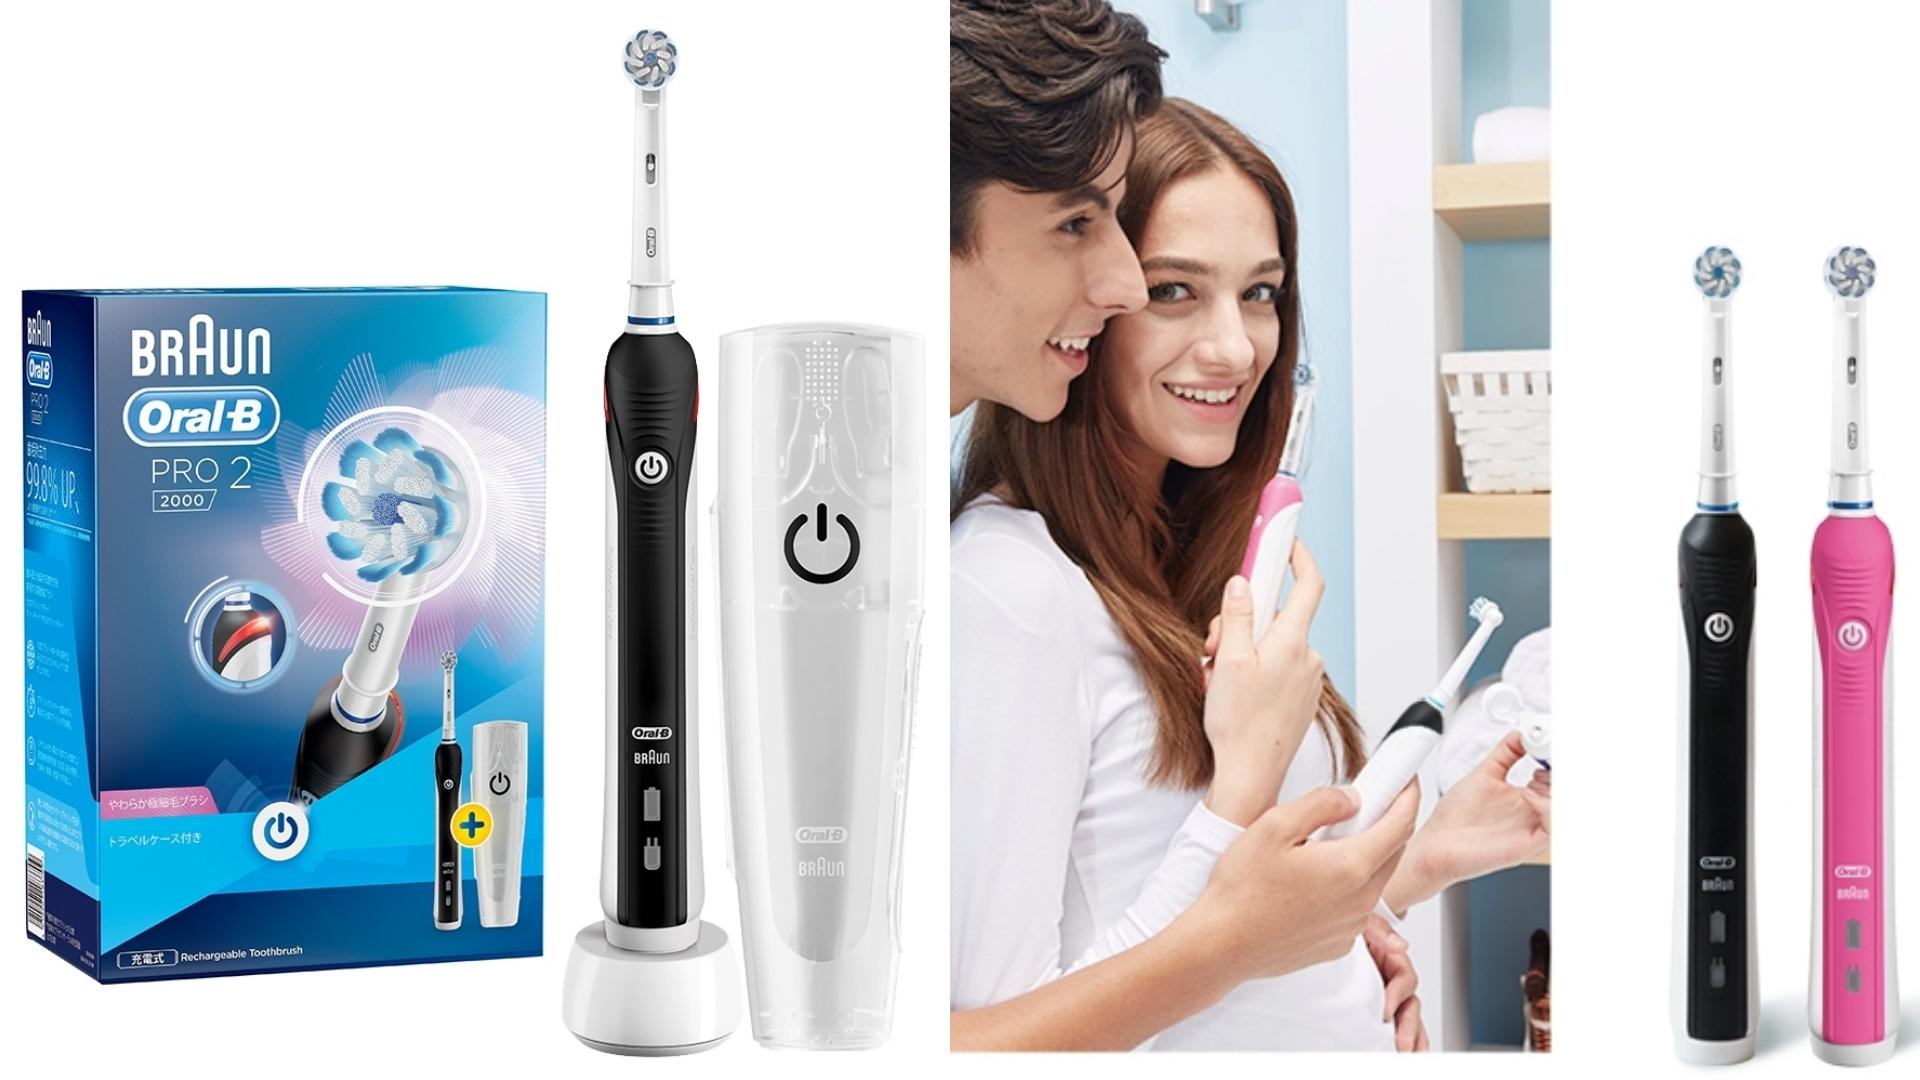 比音波電動牙刷科技能清除多4倍牙菌斑,2分鐘智慧計時器,每隔30秒提示清潔口腔4個部位